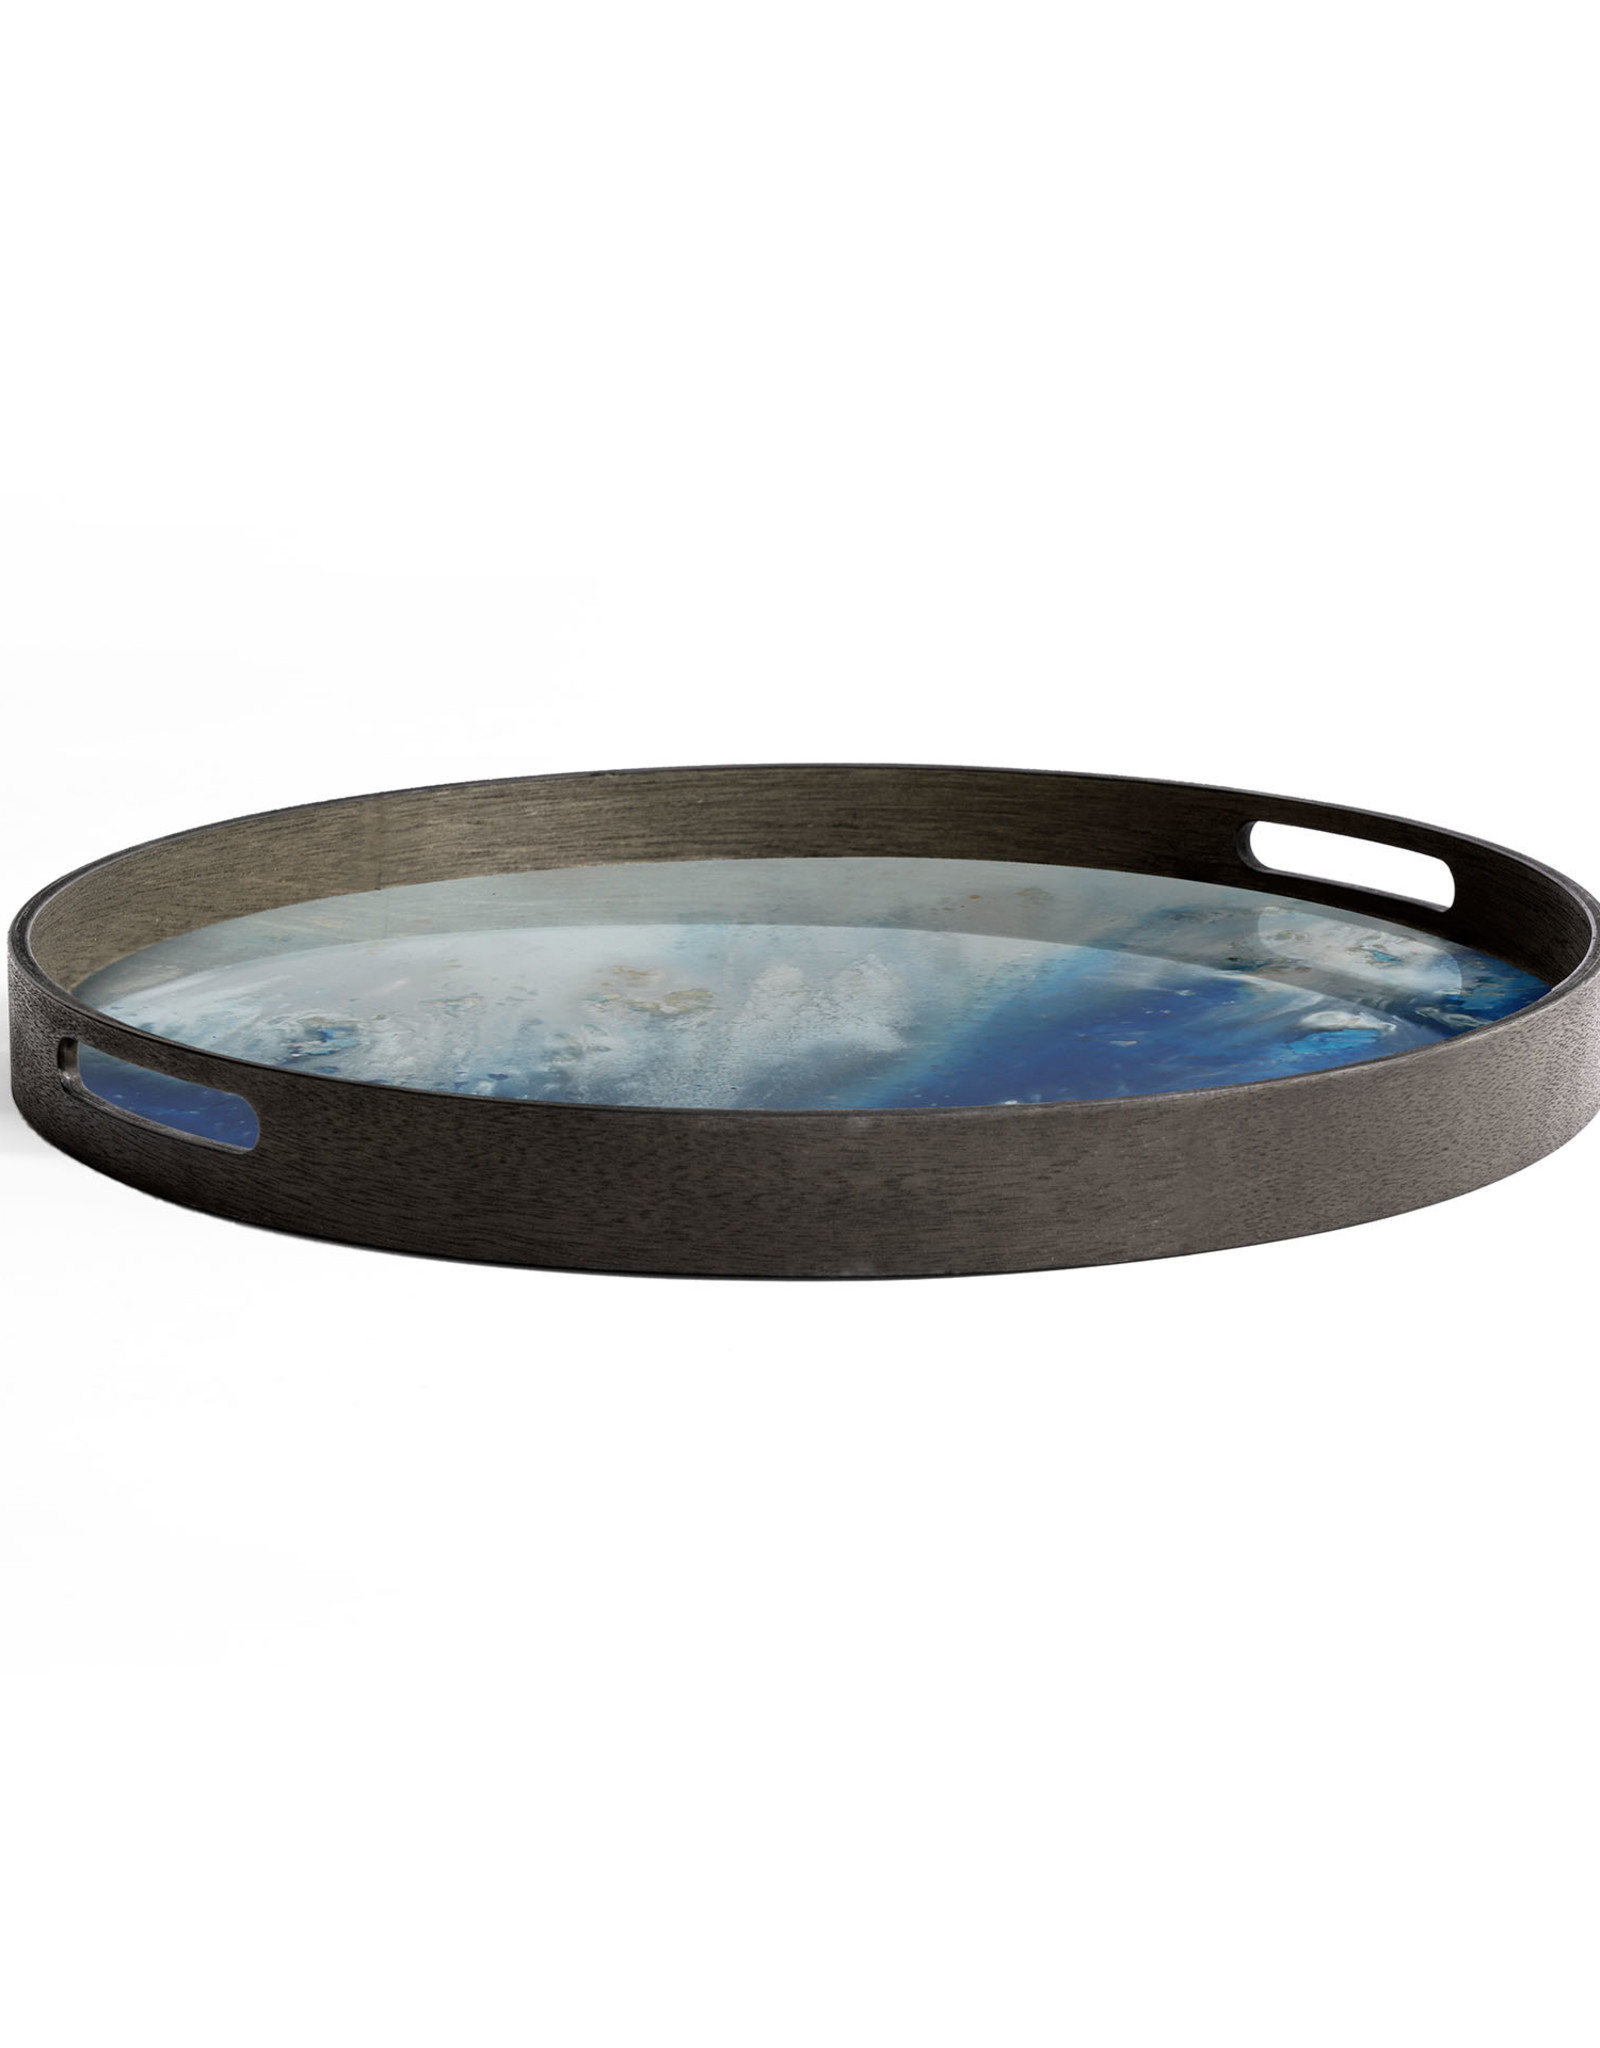 Blue Mist Organic glass tray - round - S 19 x 19 x 2